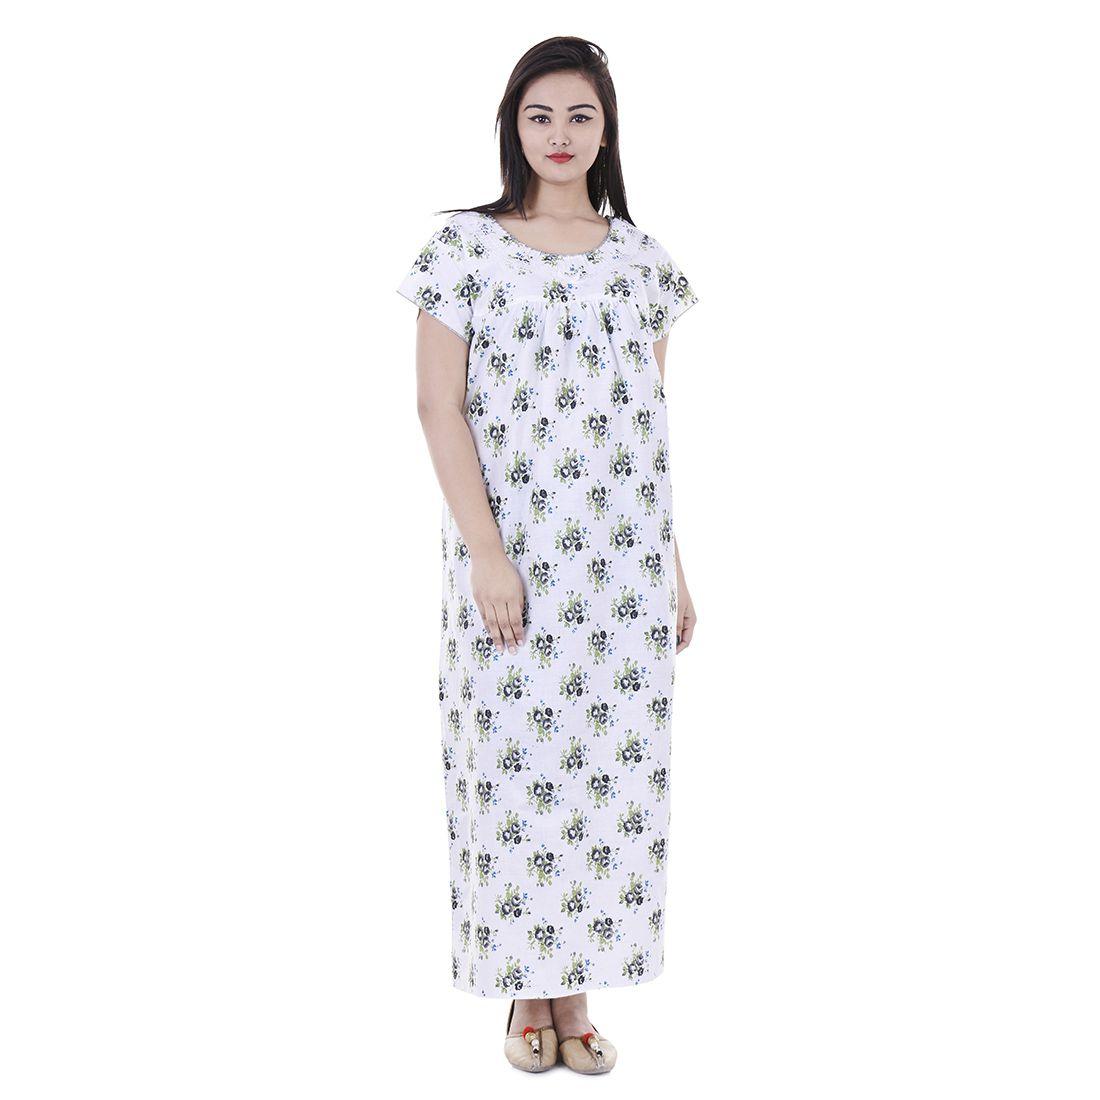 Indian Hot Style Nightwear Gown, Bikini Cover